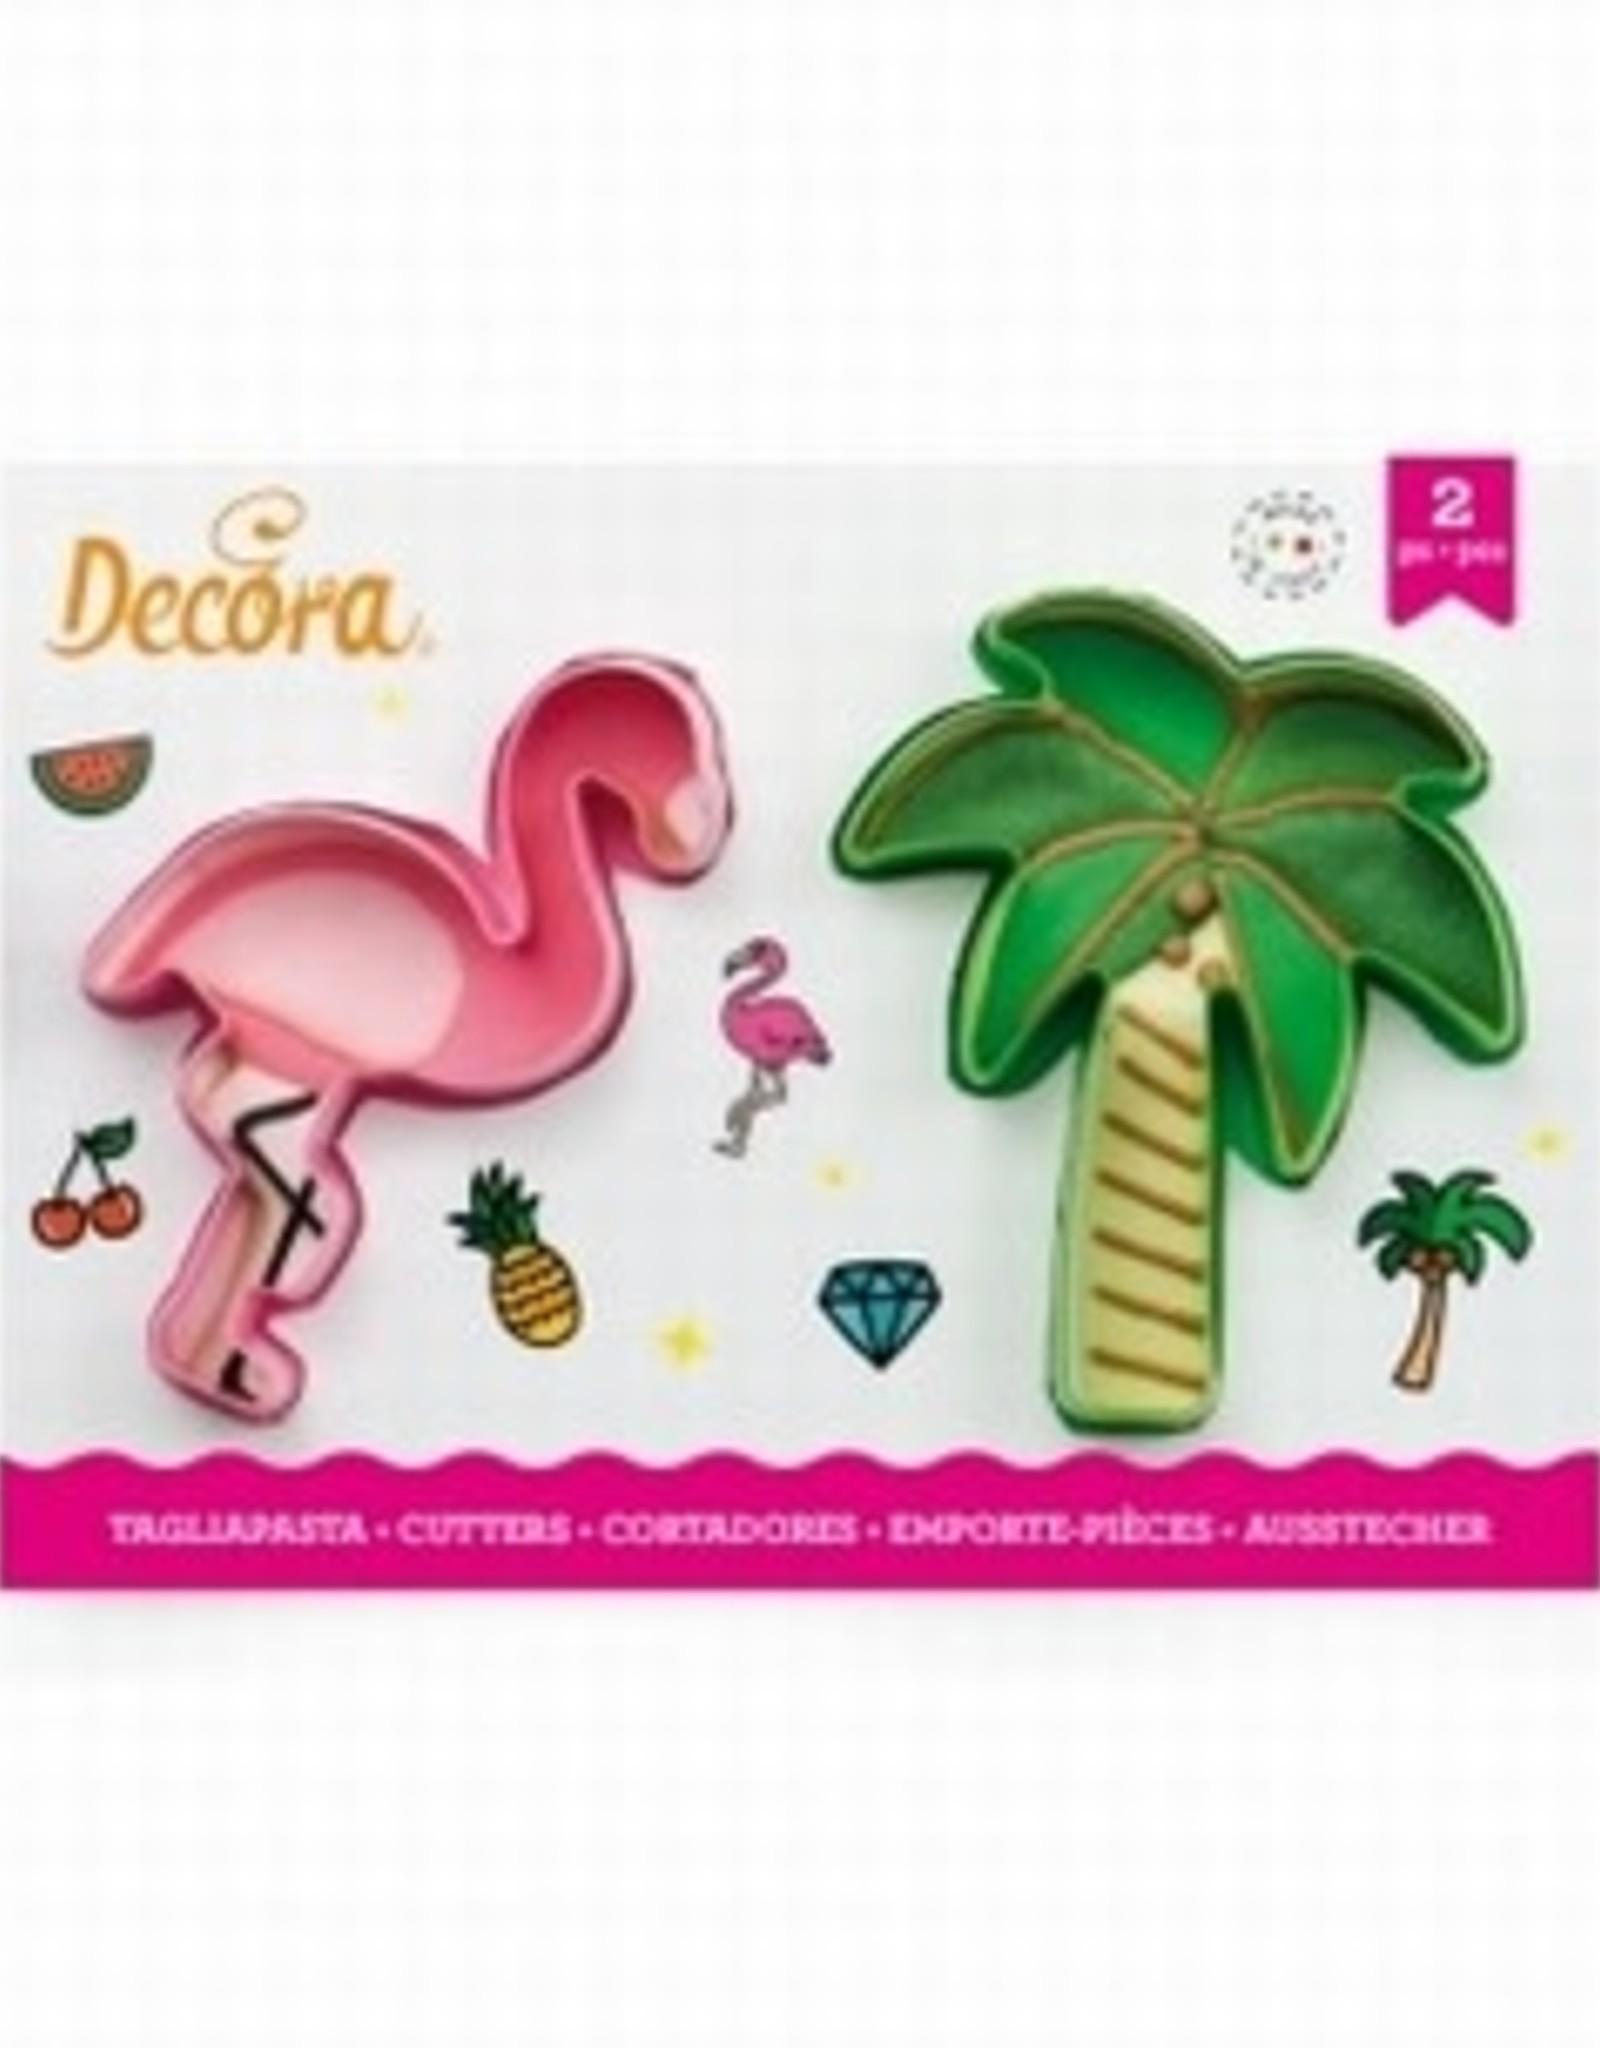 Decora Decora Plastic Uitstekerset Flamingo en Palmboom / 2